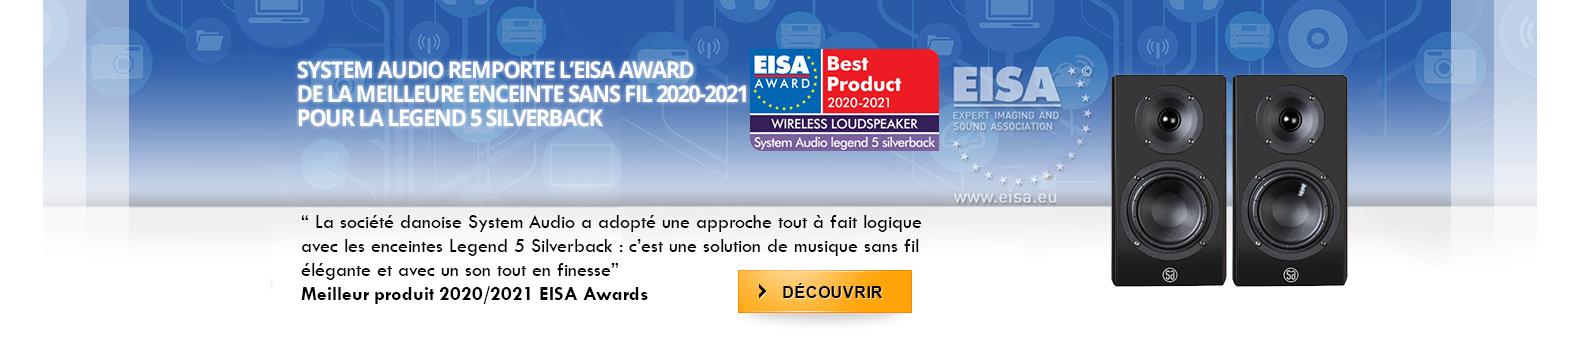 System Audio remporte l'EISA award de la meilleure enceinte sans fil 2020-2021